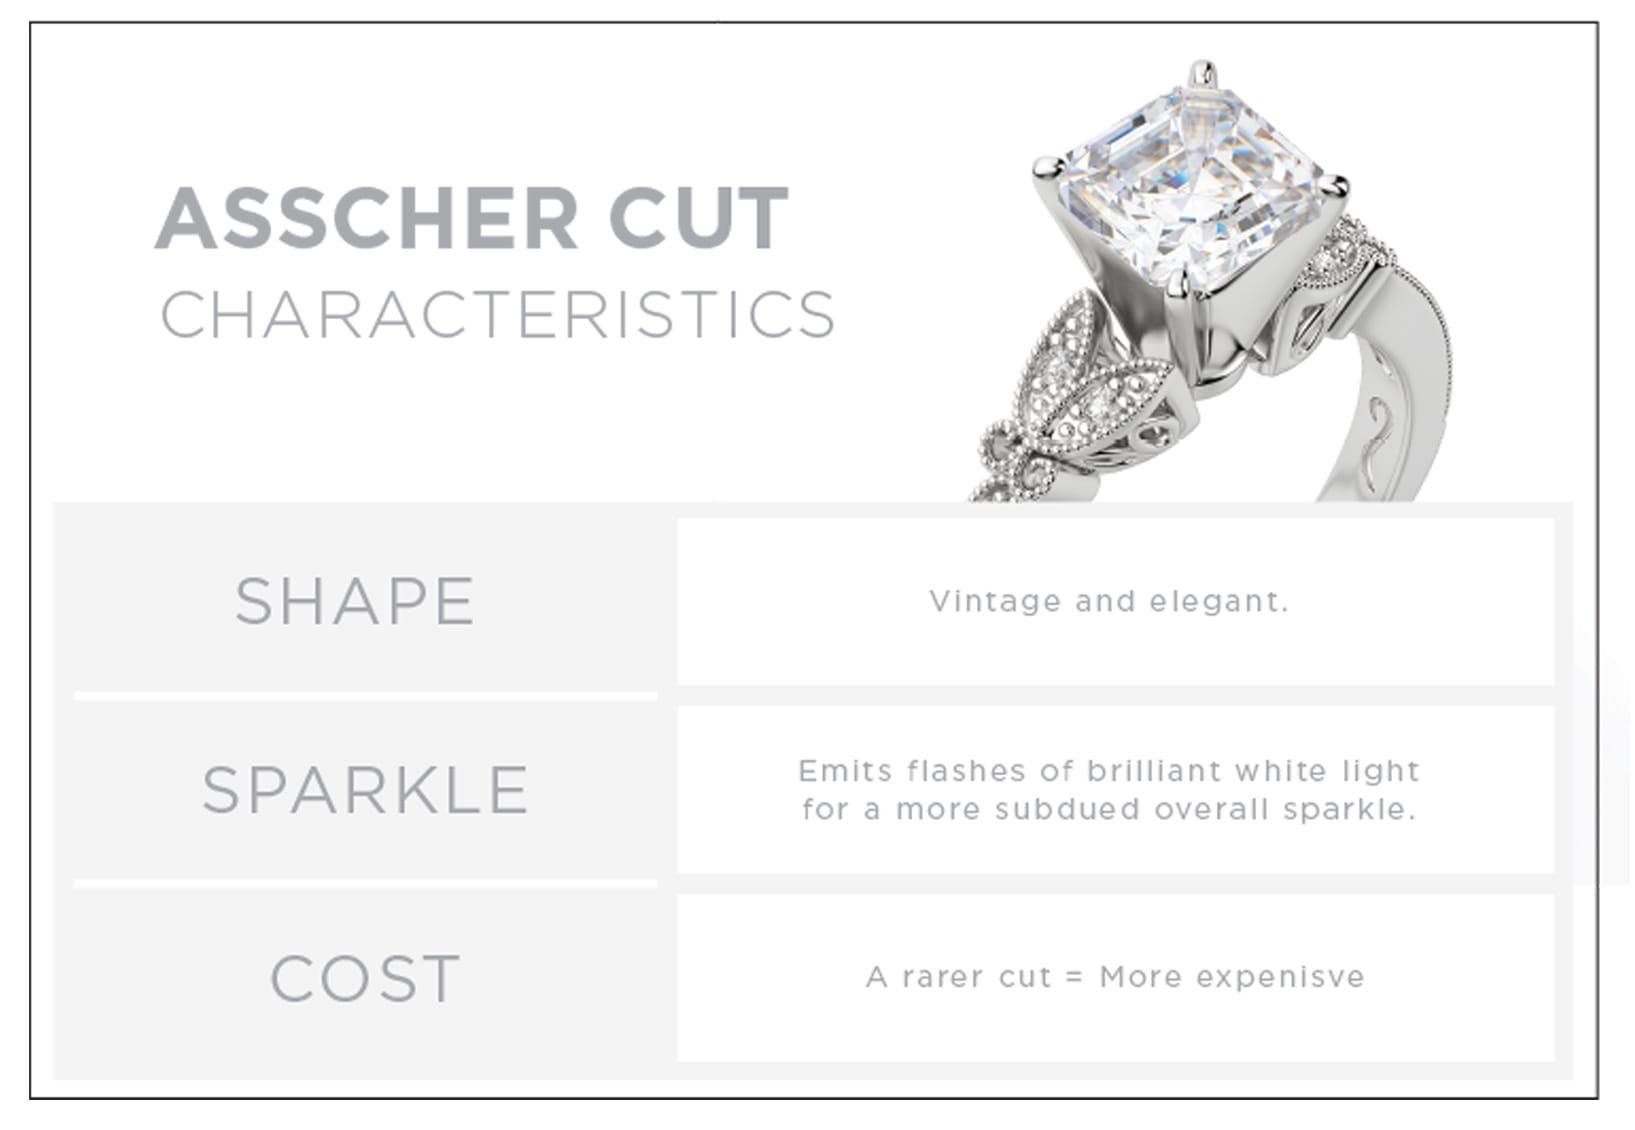 Characteristics of an Asscher cut diamond